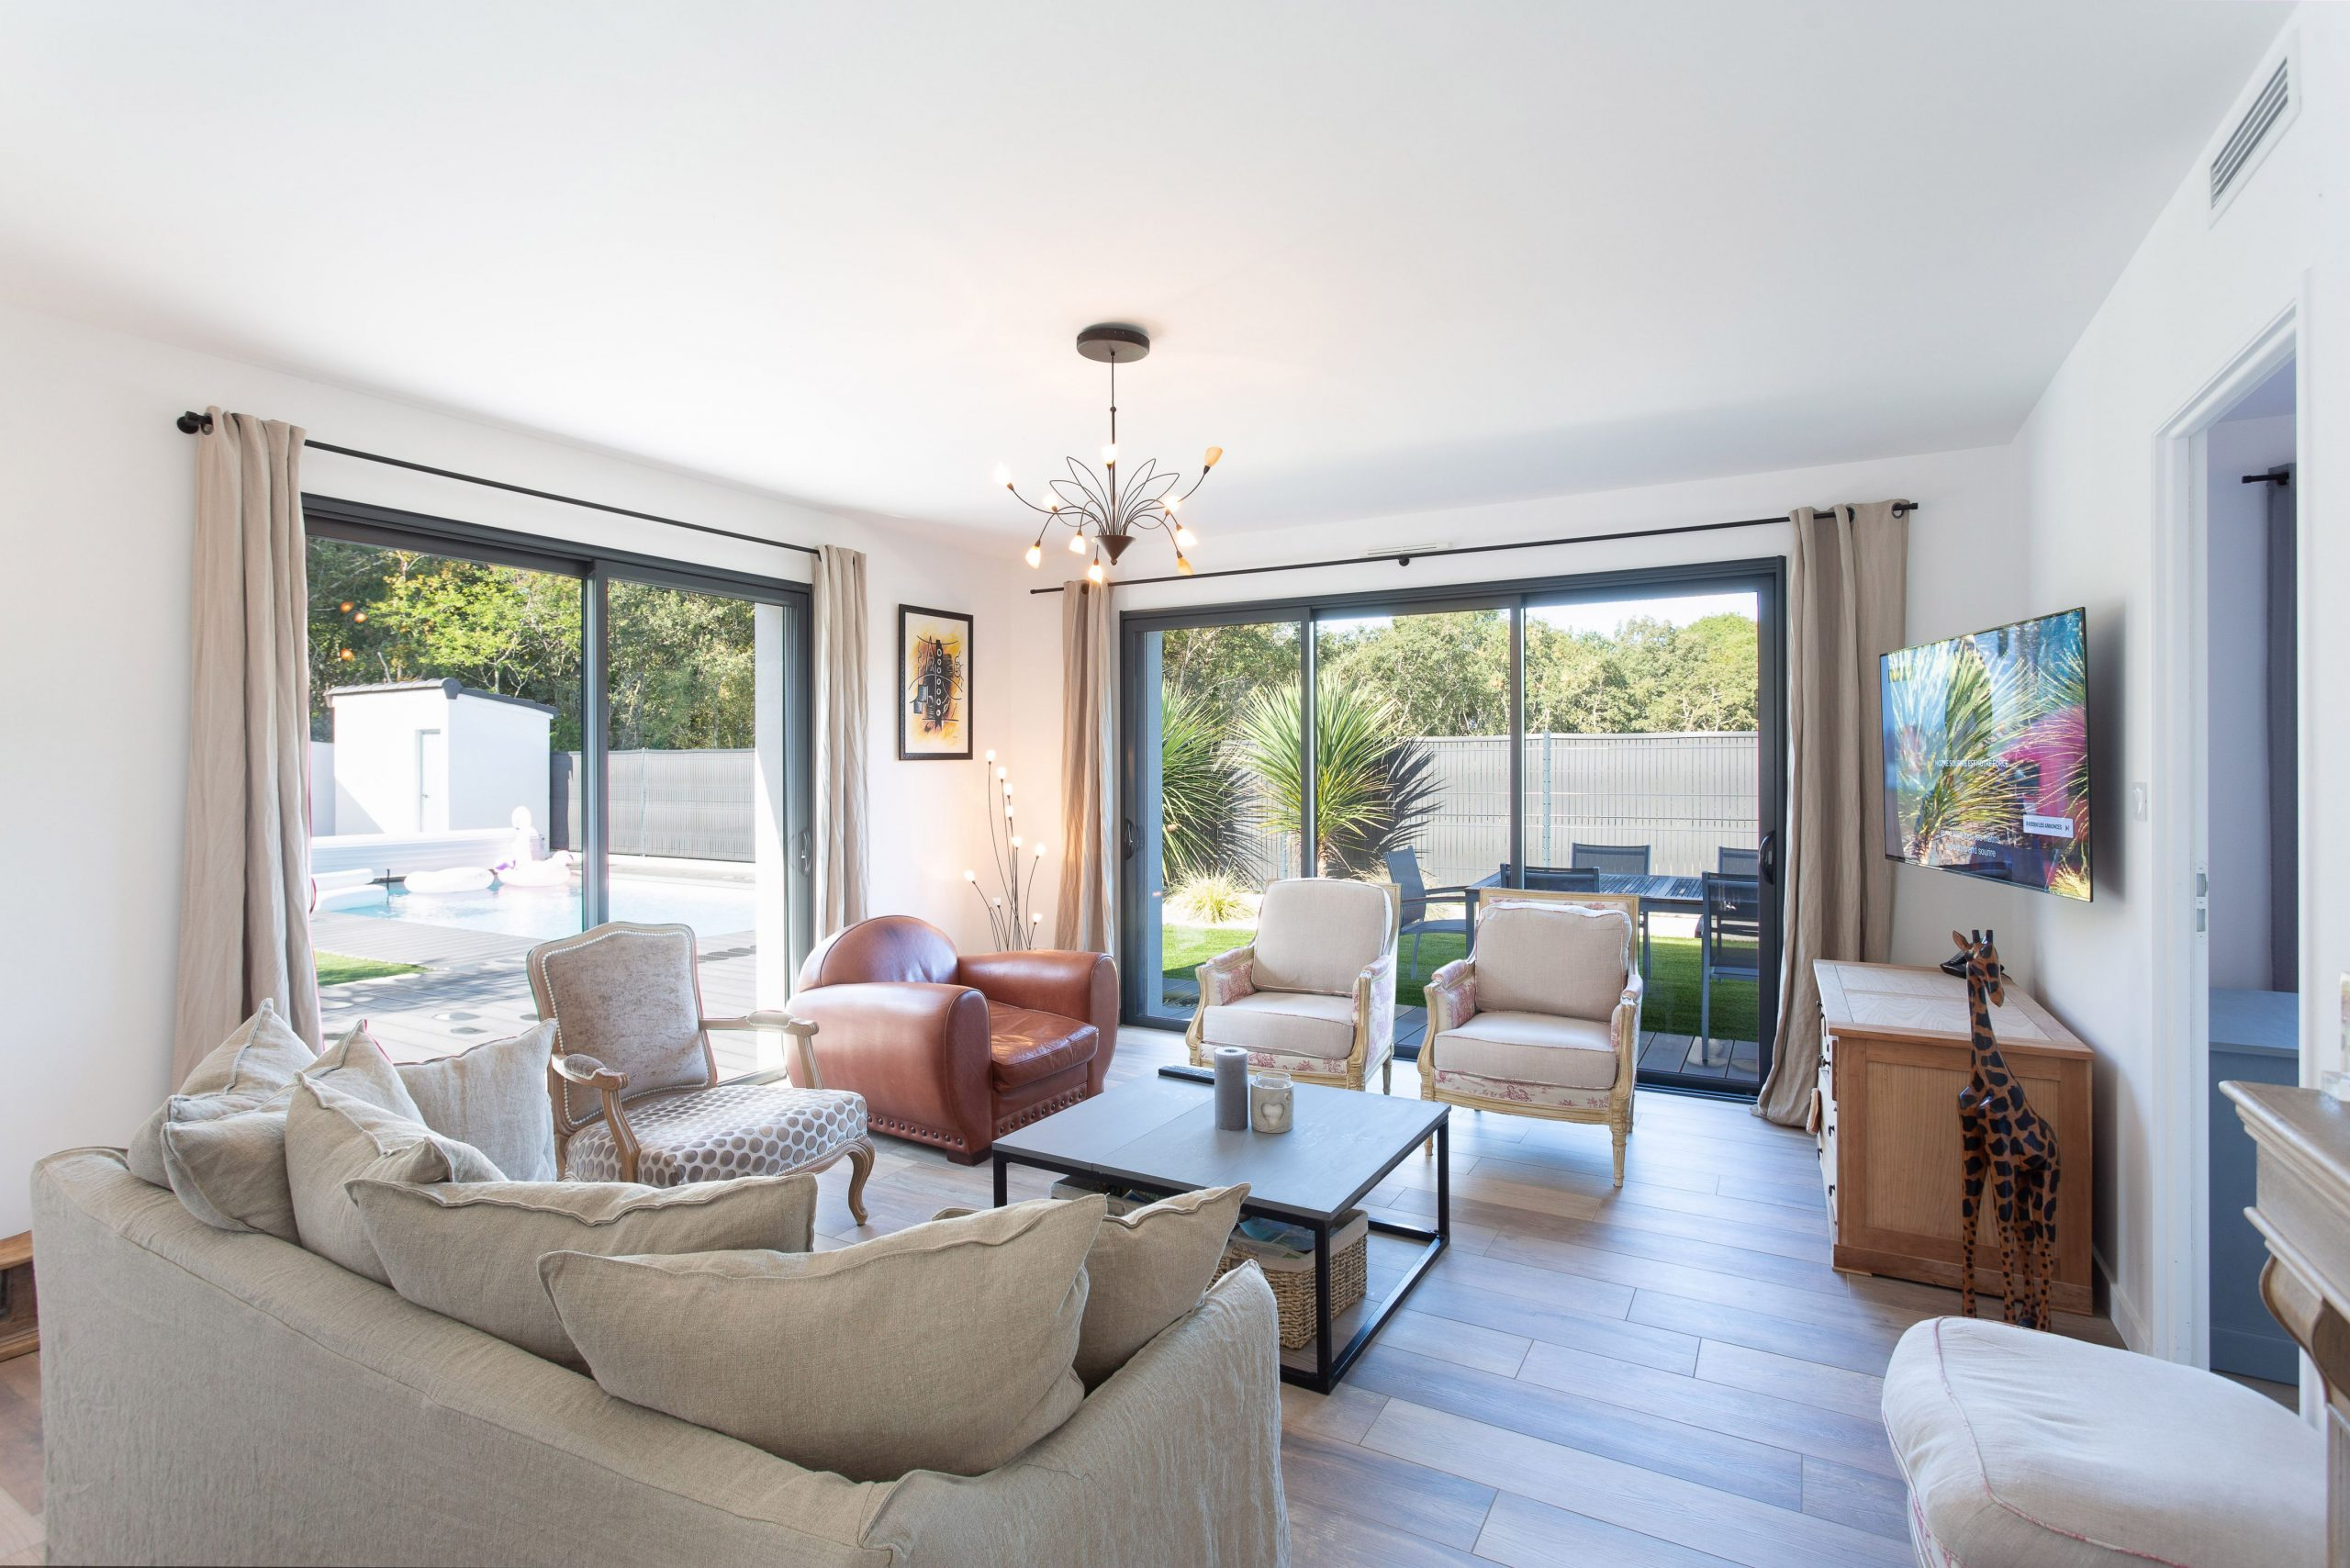 acheter une maison avec un séjour lumineux